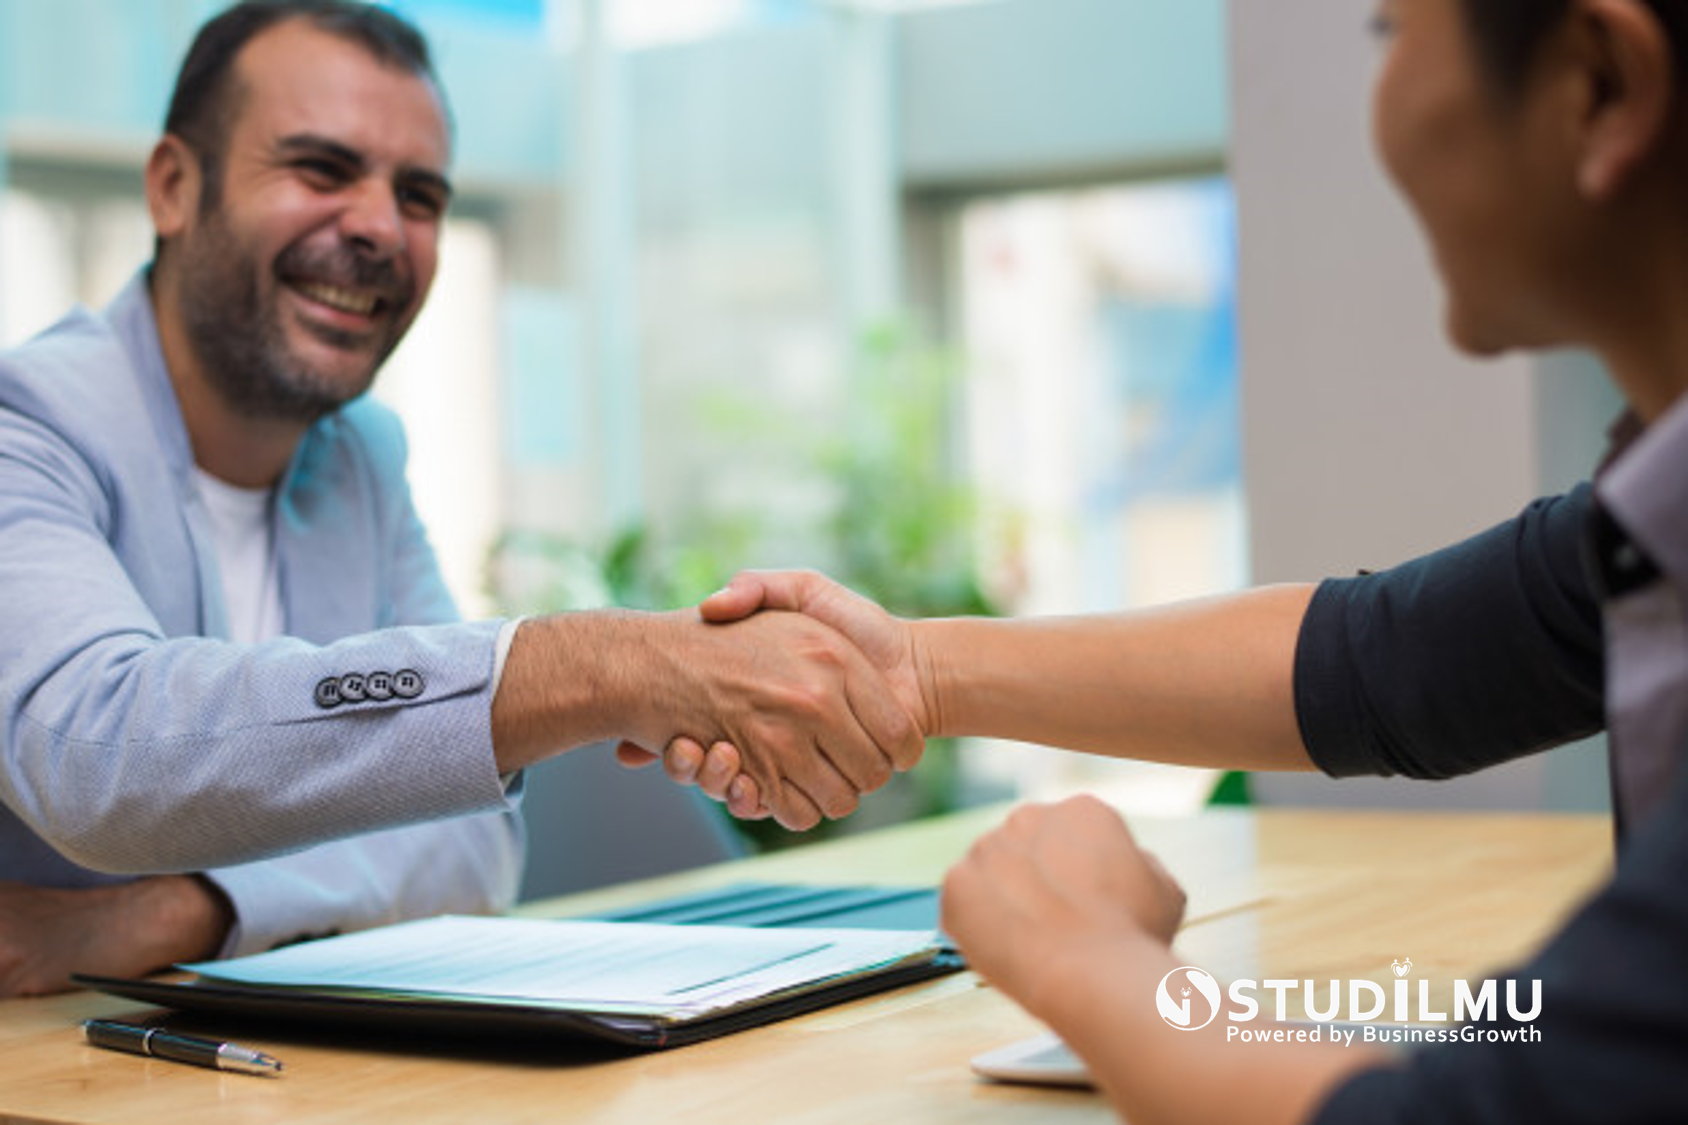 STUDILMU Career Advice - 5 Hal Yang Perlu Diketahui Saat Menghadiri Wawancara Kerja